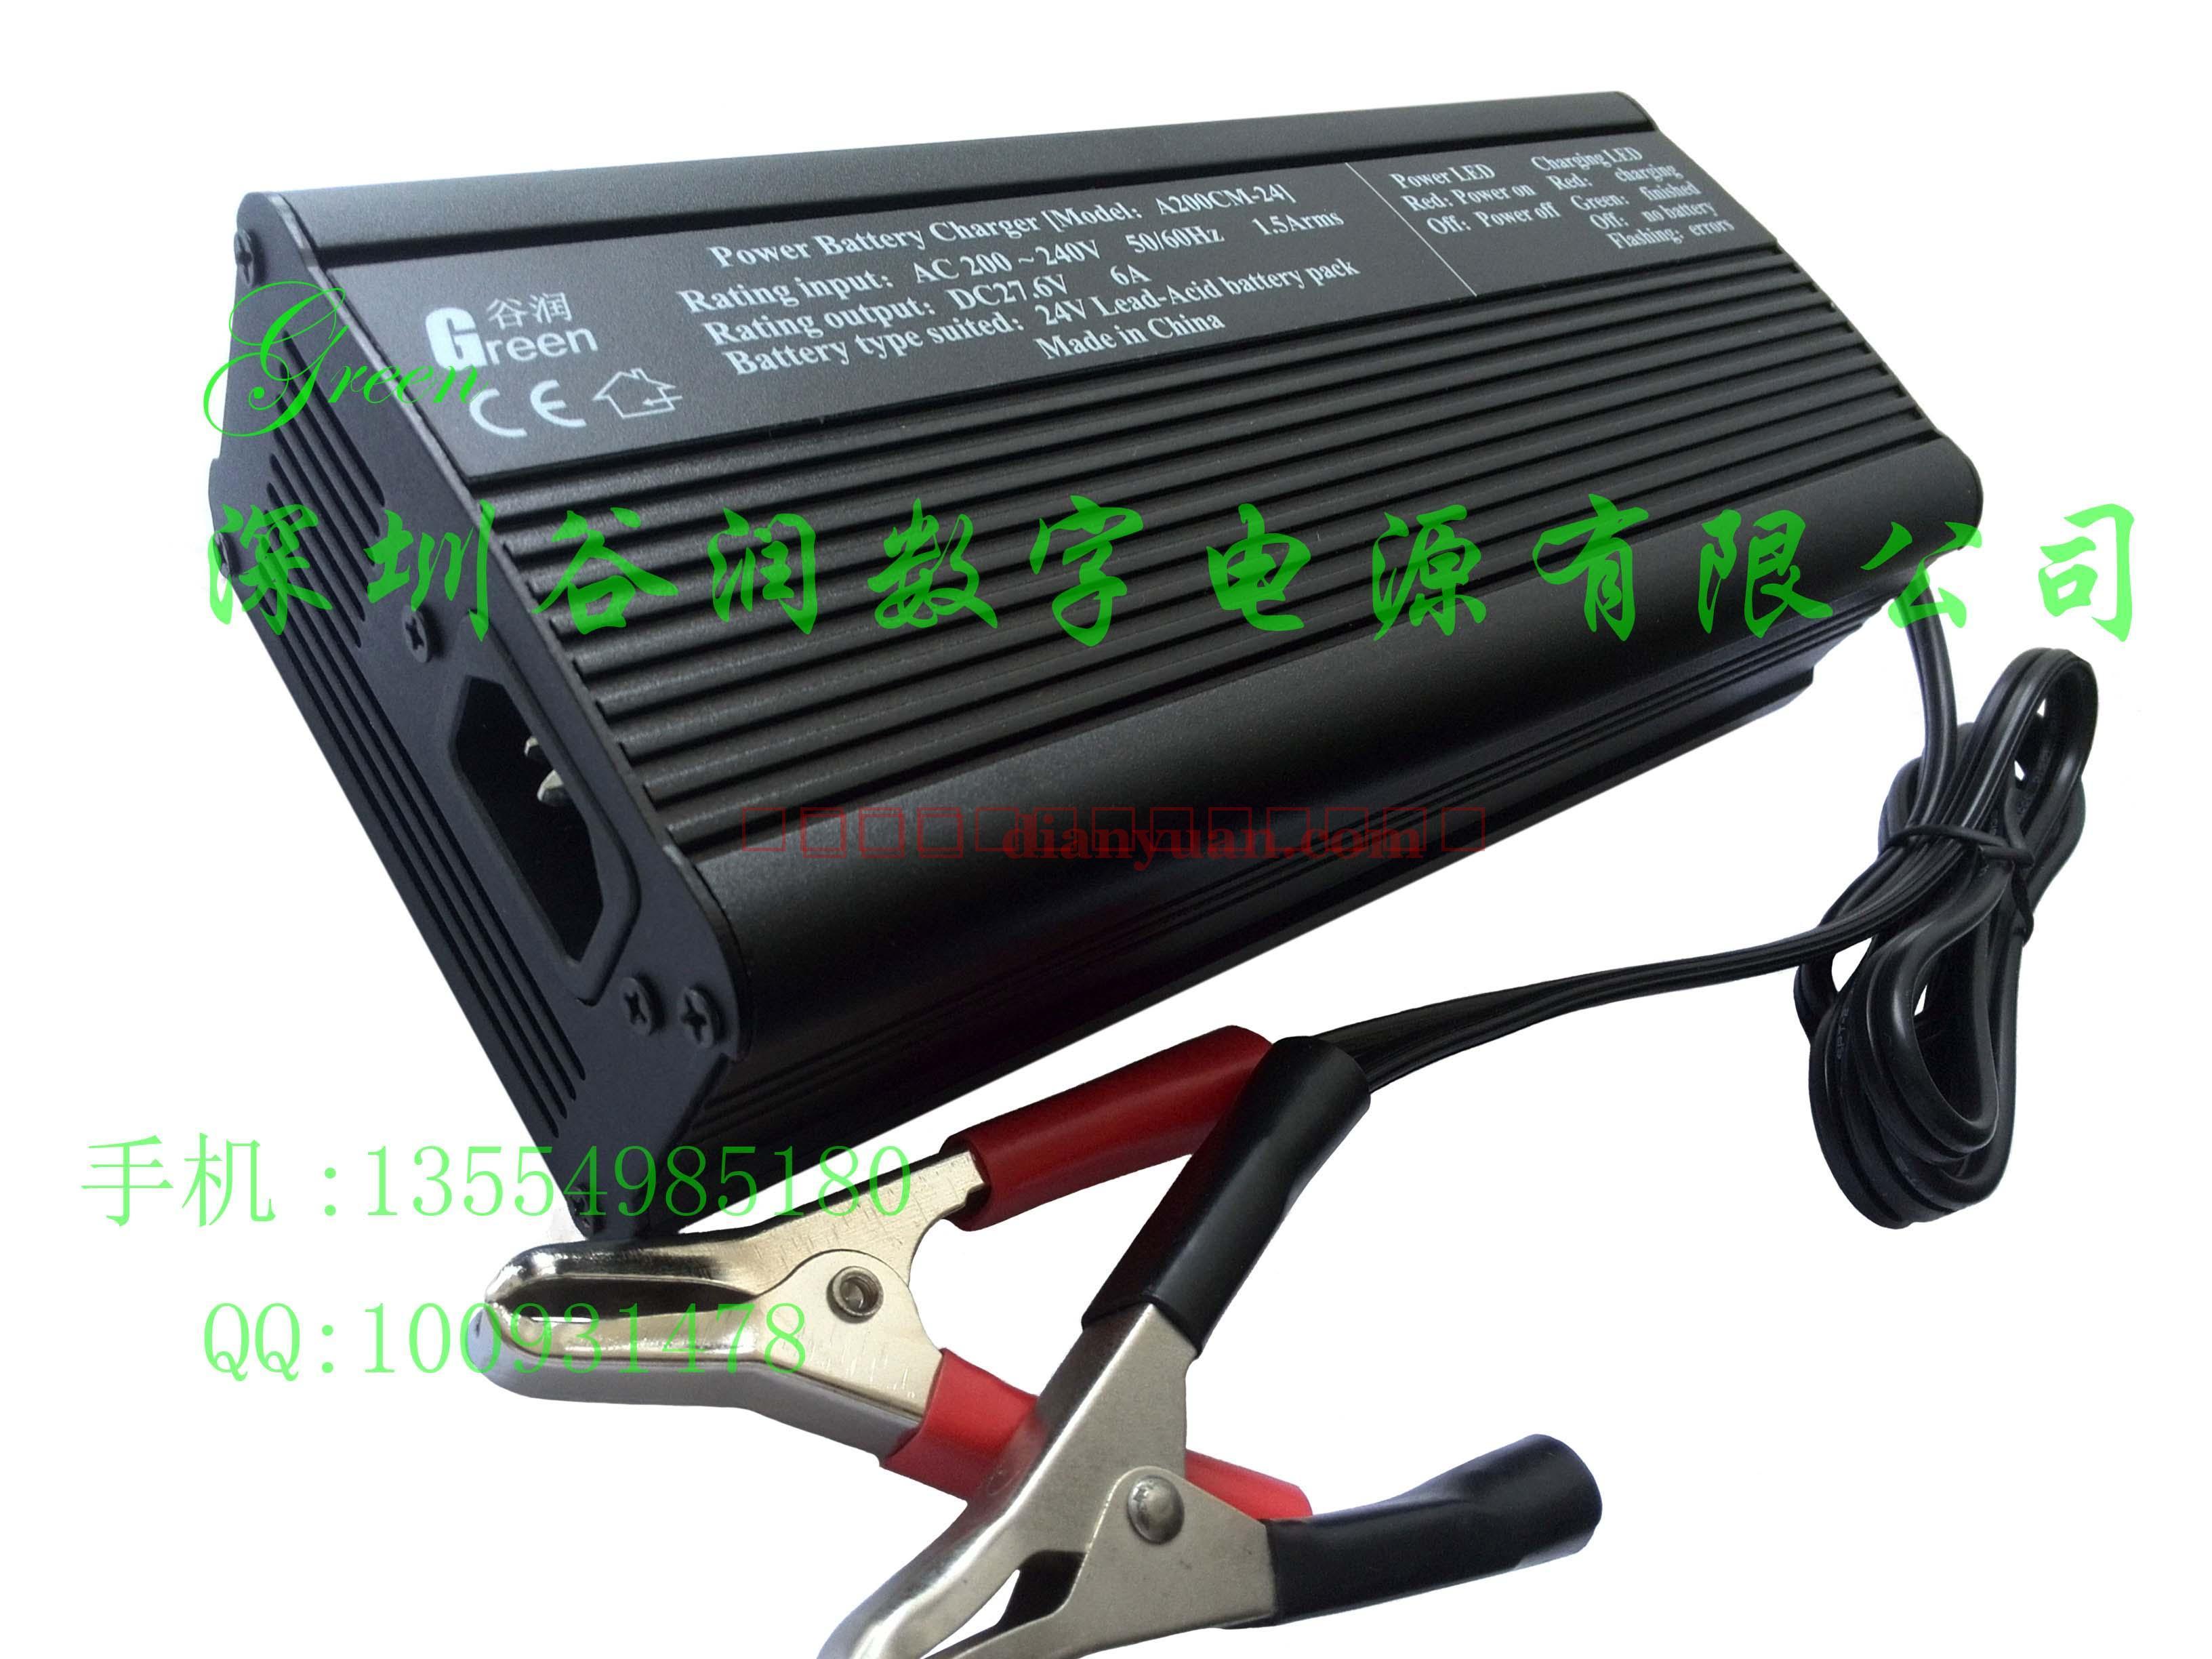 使用方法: 1. 将红色鳄鱼夹夹在电池的正极端子,黑色接负极。也可用其他附件端子将充电器的输出线与电池正负极正确连接。 2.当交流市电接通时,若此时无电池接入,则只有电源灯Power常亮,其他指示灯均不亮;当电池接入正确时,充电进行中为红色常量。当 电池接入错误或输出端子短路时,红色指示灯会快速闪亮。 3.